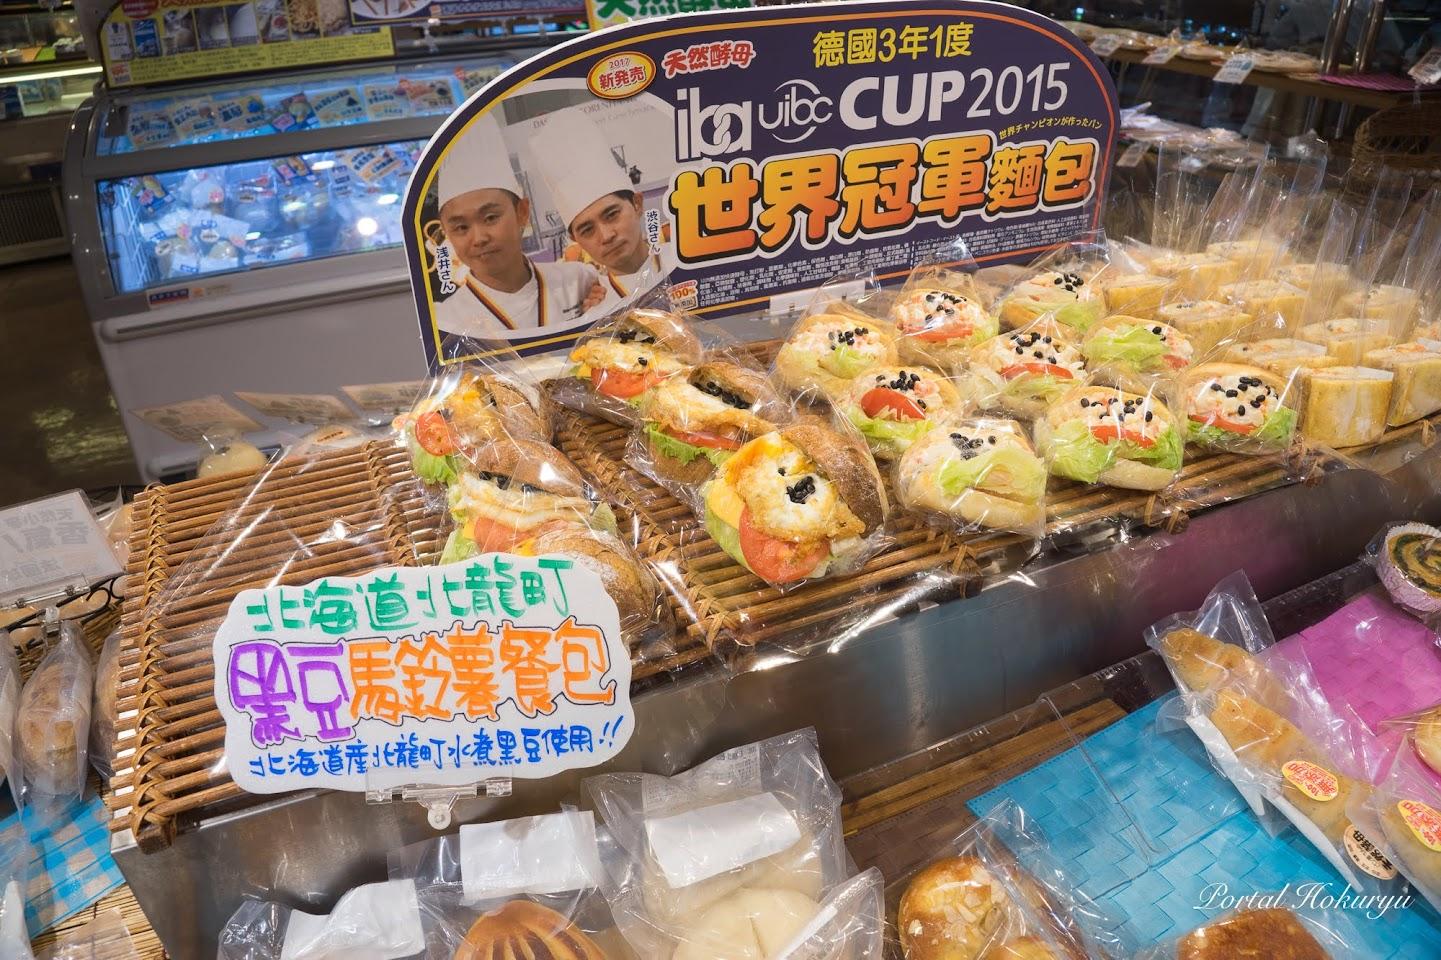 黒千石(ドライパック)入り各種パン